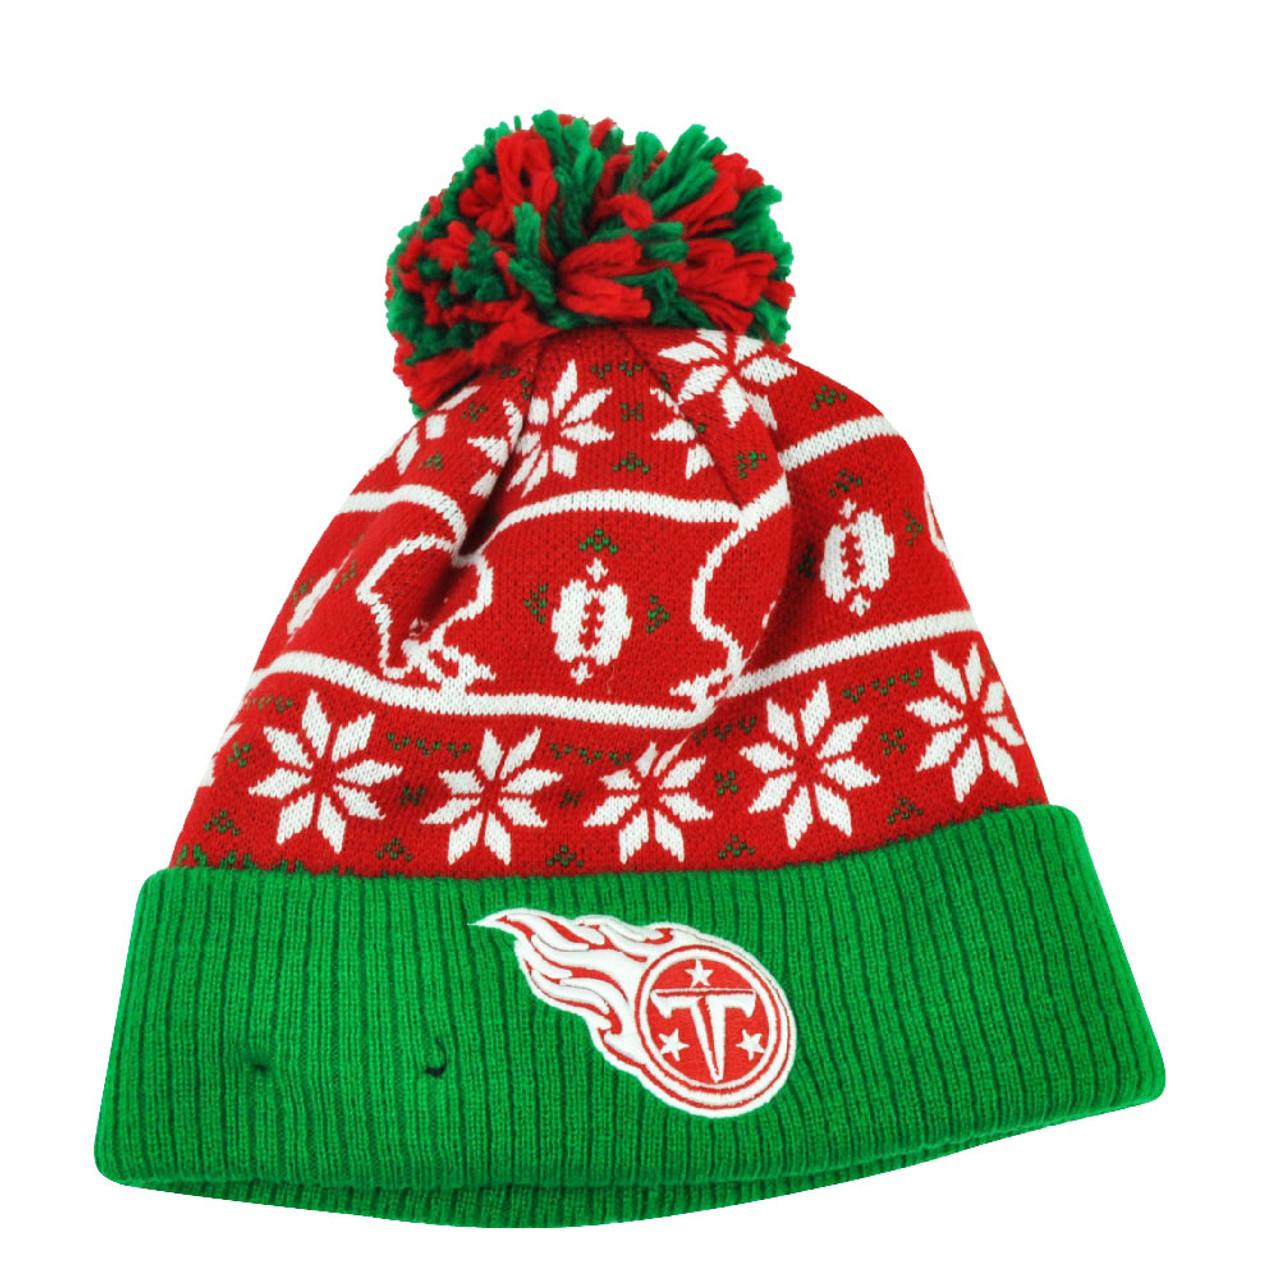 8e1b34b8ab1afb NFL New Era Sweater Chill Tennessee Titans Pom Pom Cuffed Knit Beanie  Winter Hat - Cap Store Online.com